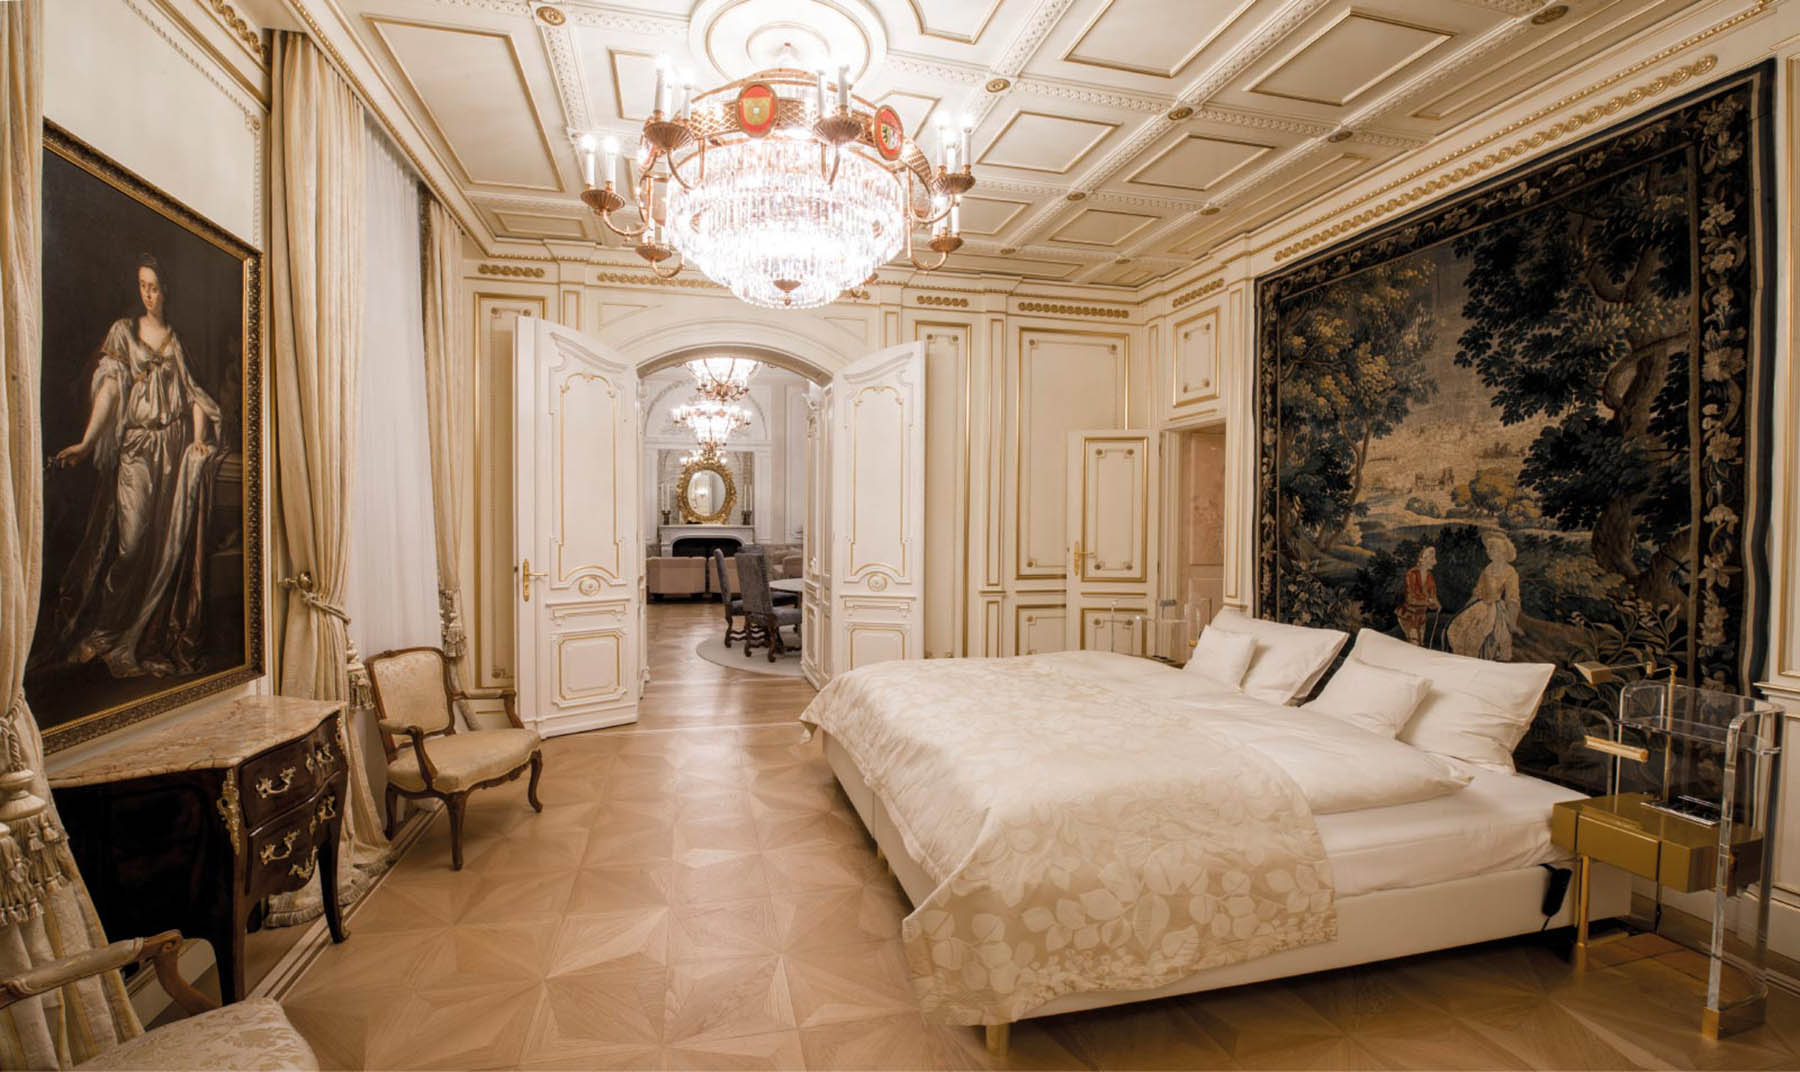 Derag Livinghotel De Medici. Opulent und geschichtsträchtig. In der jetzigen Kurfürstensuite befand sich früher einmal der Saal für standesamtliche Trauungen.